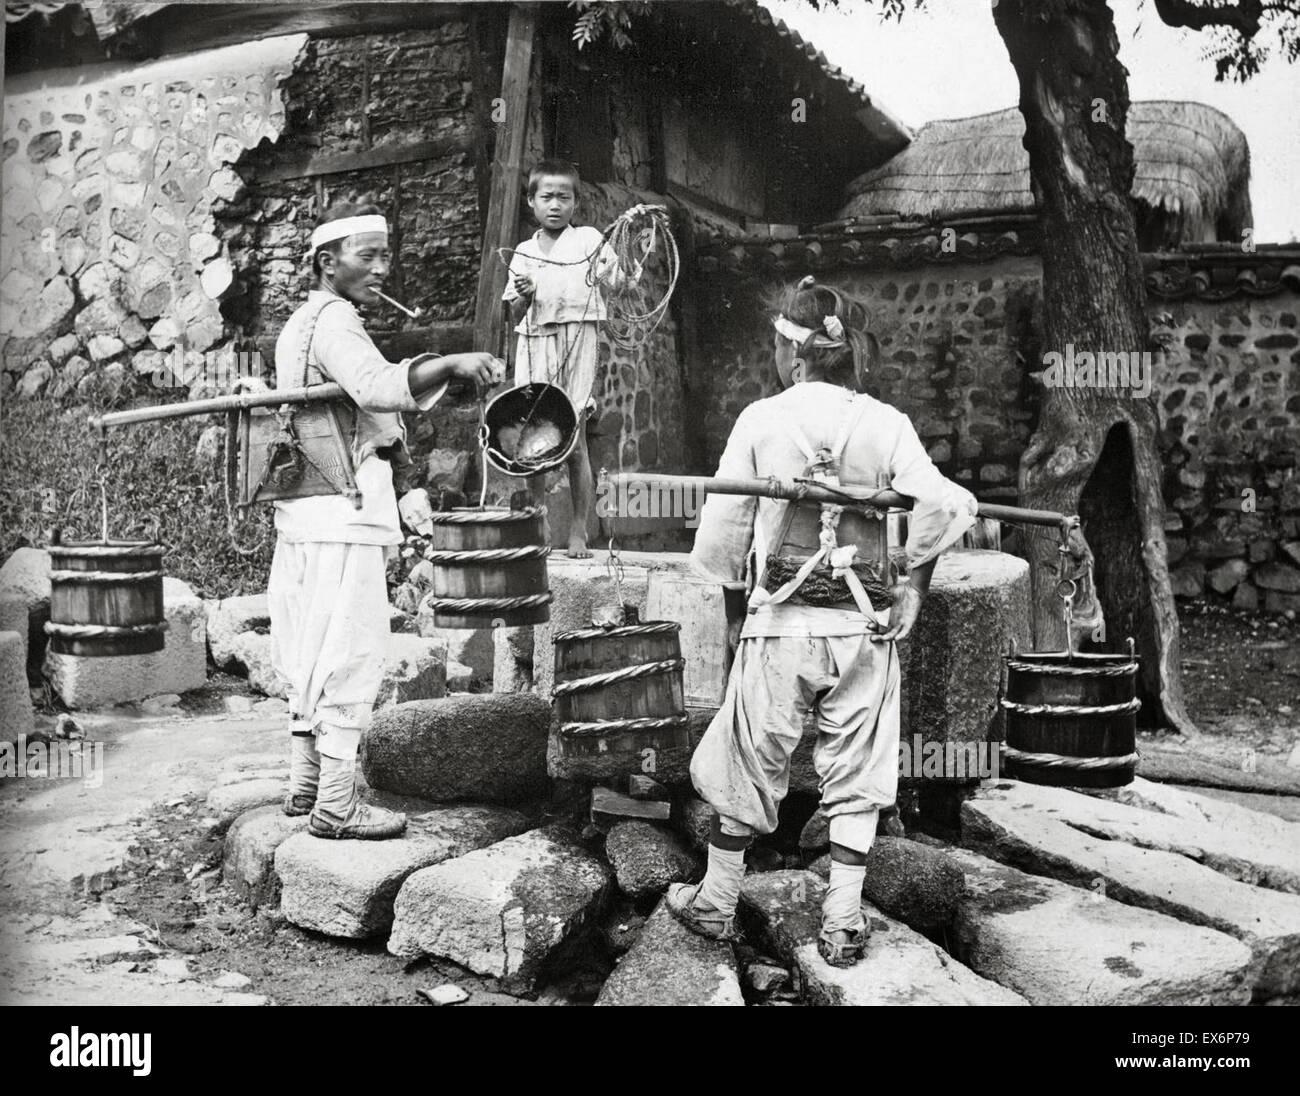 Porteur d'eau se rend dans un village, Corée 1904 Photo Stock